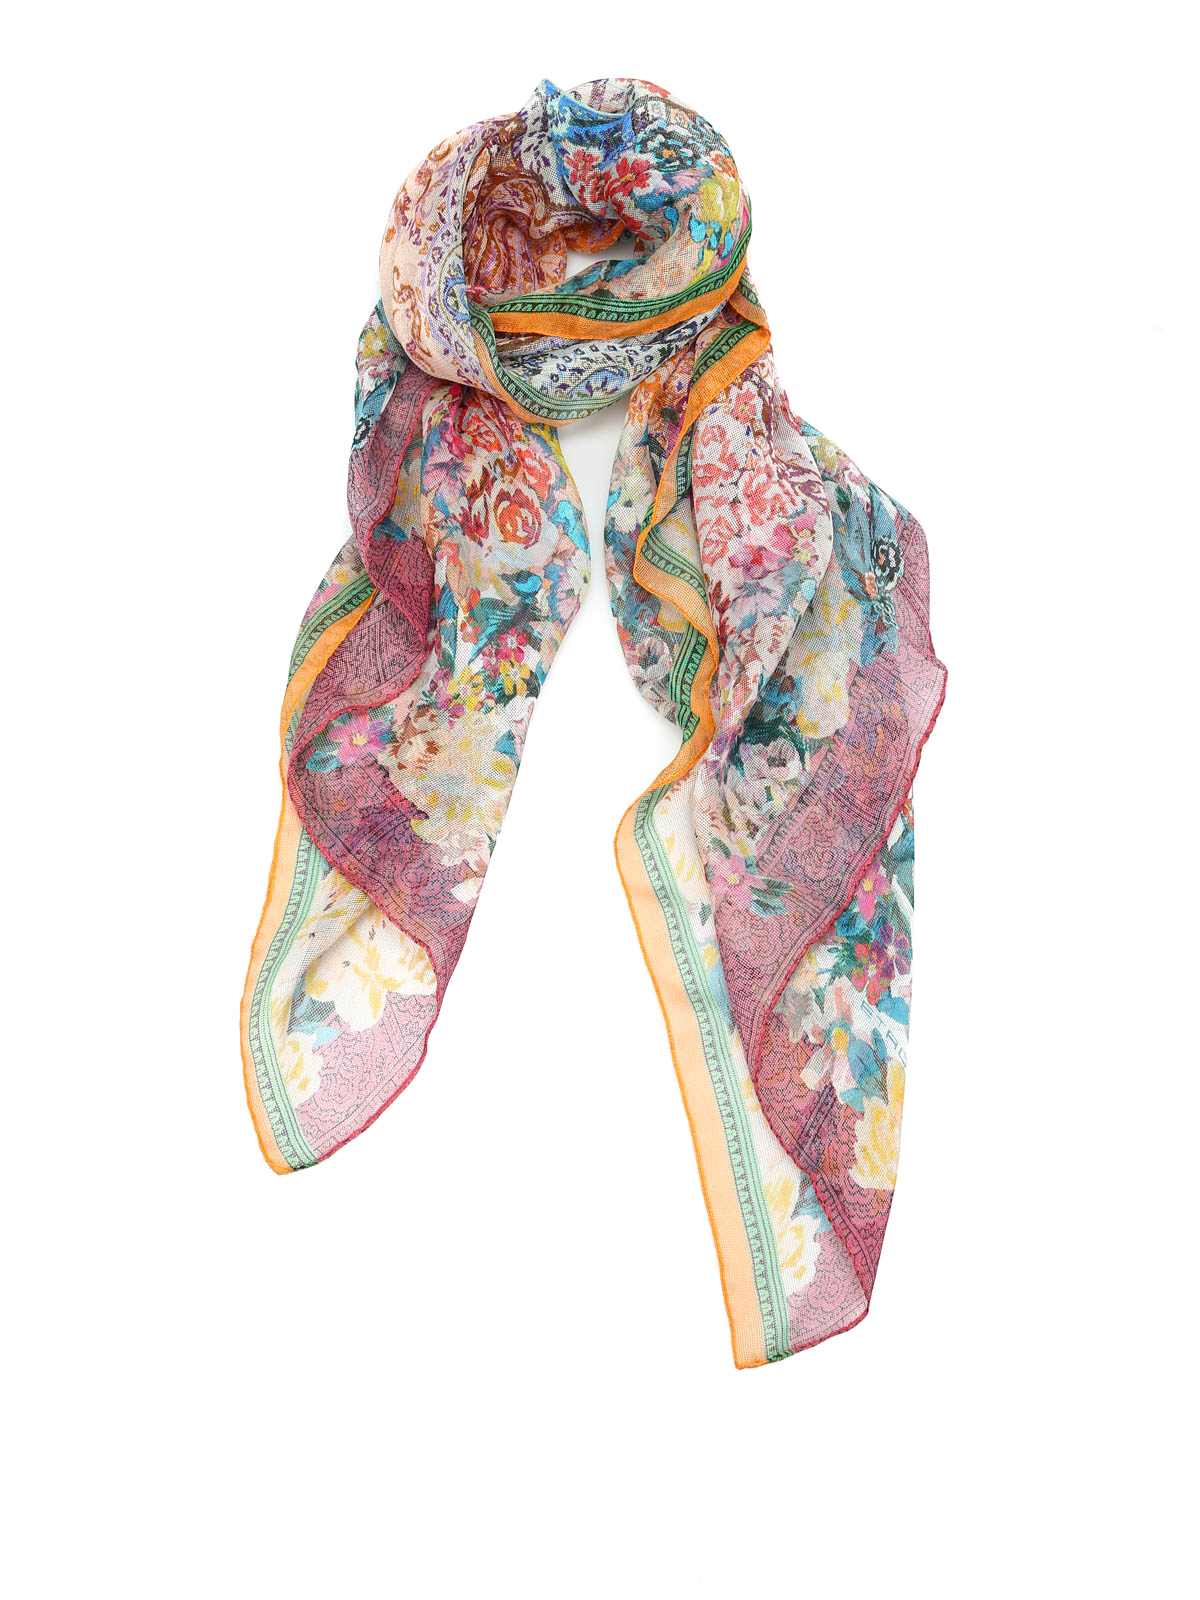 Etro Mesh Work Silk Scarf Scarves 11506 5609 Shop